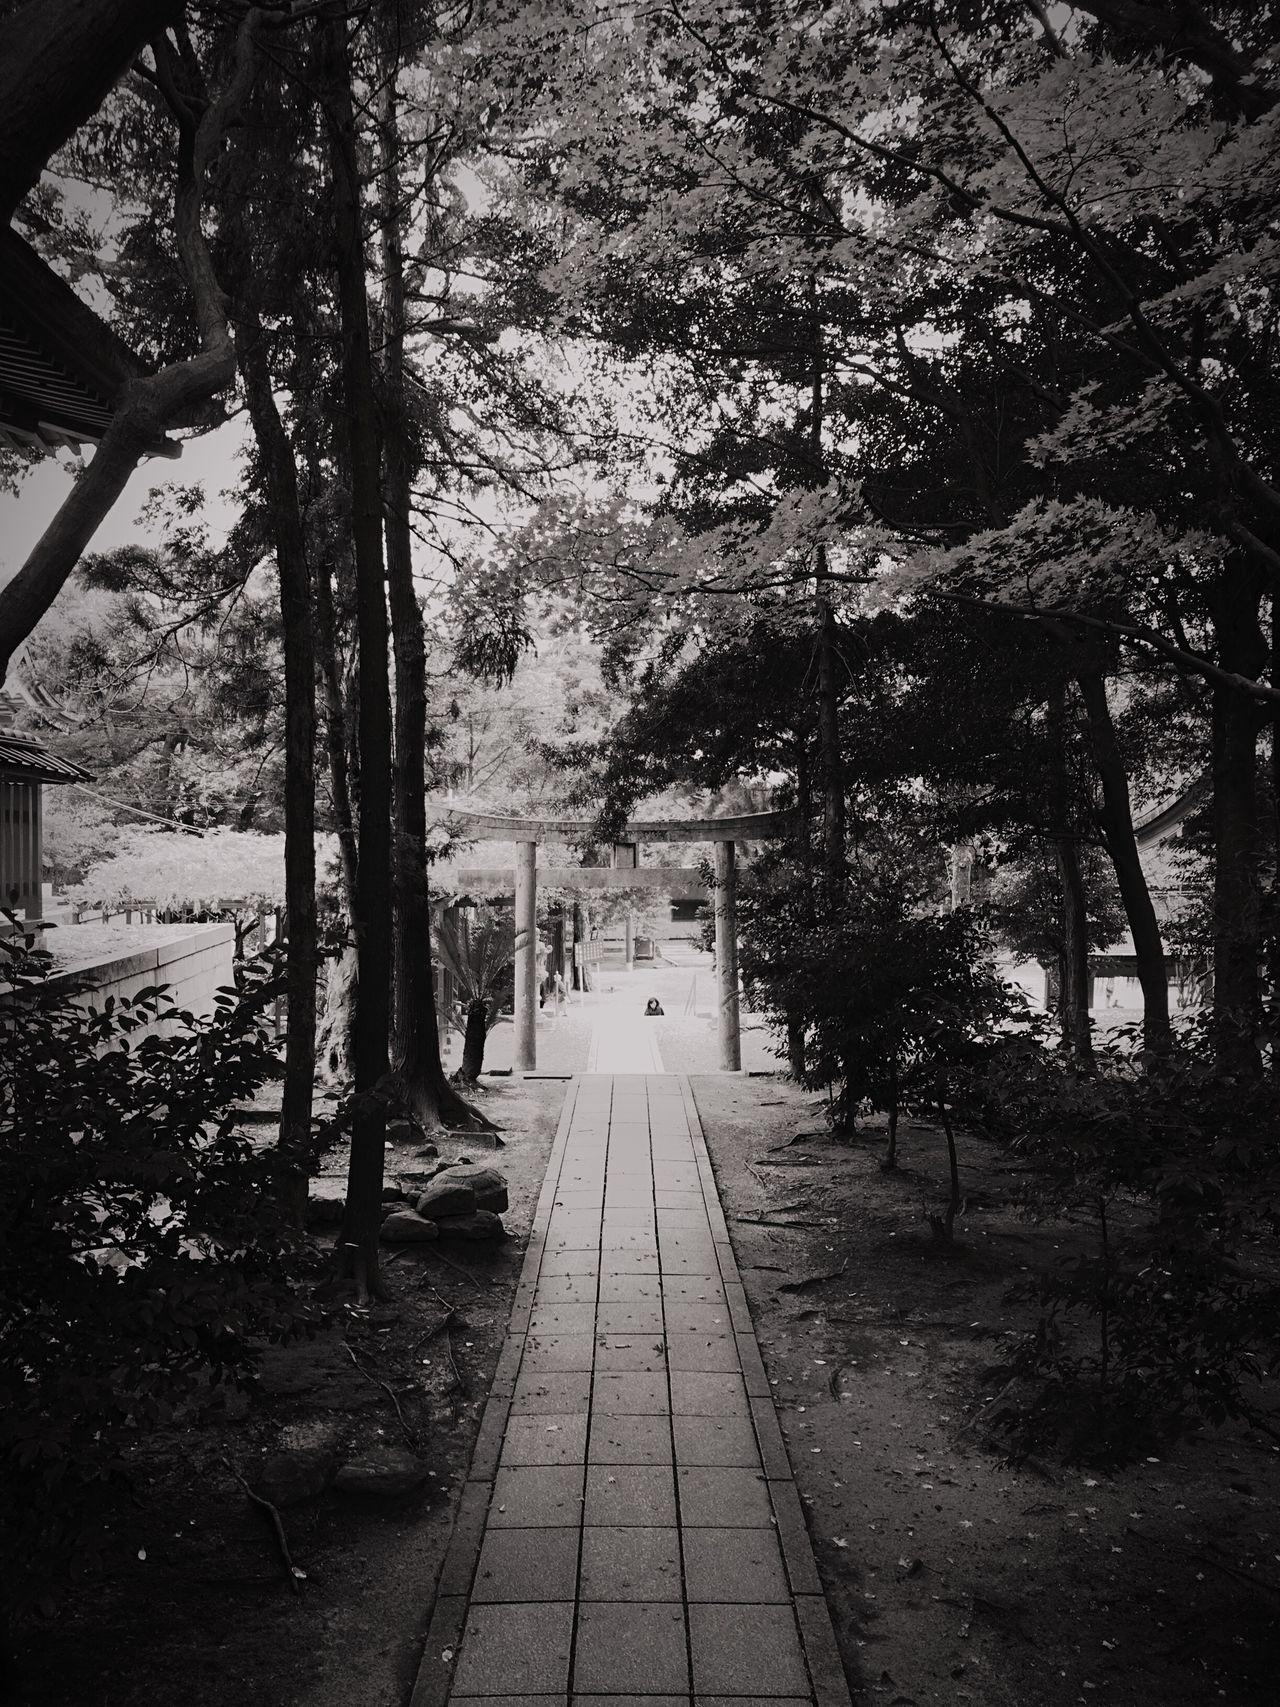 香椎宮4〜 Shrine Of Japan Shrine Japanese Shrine Spiritual Nature Beauty In Nature TreePorn Japanese Culture Spirituality Tree Eyeemphotography Spritual Journey Path Pathway Tree The Way Forward Outdoors Fukuoka,Japan